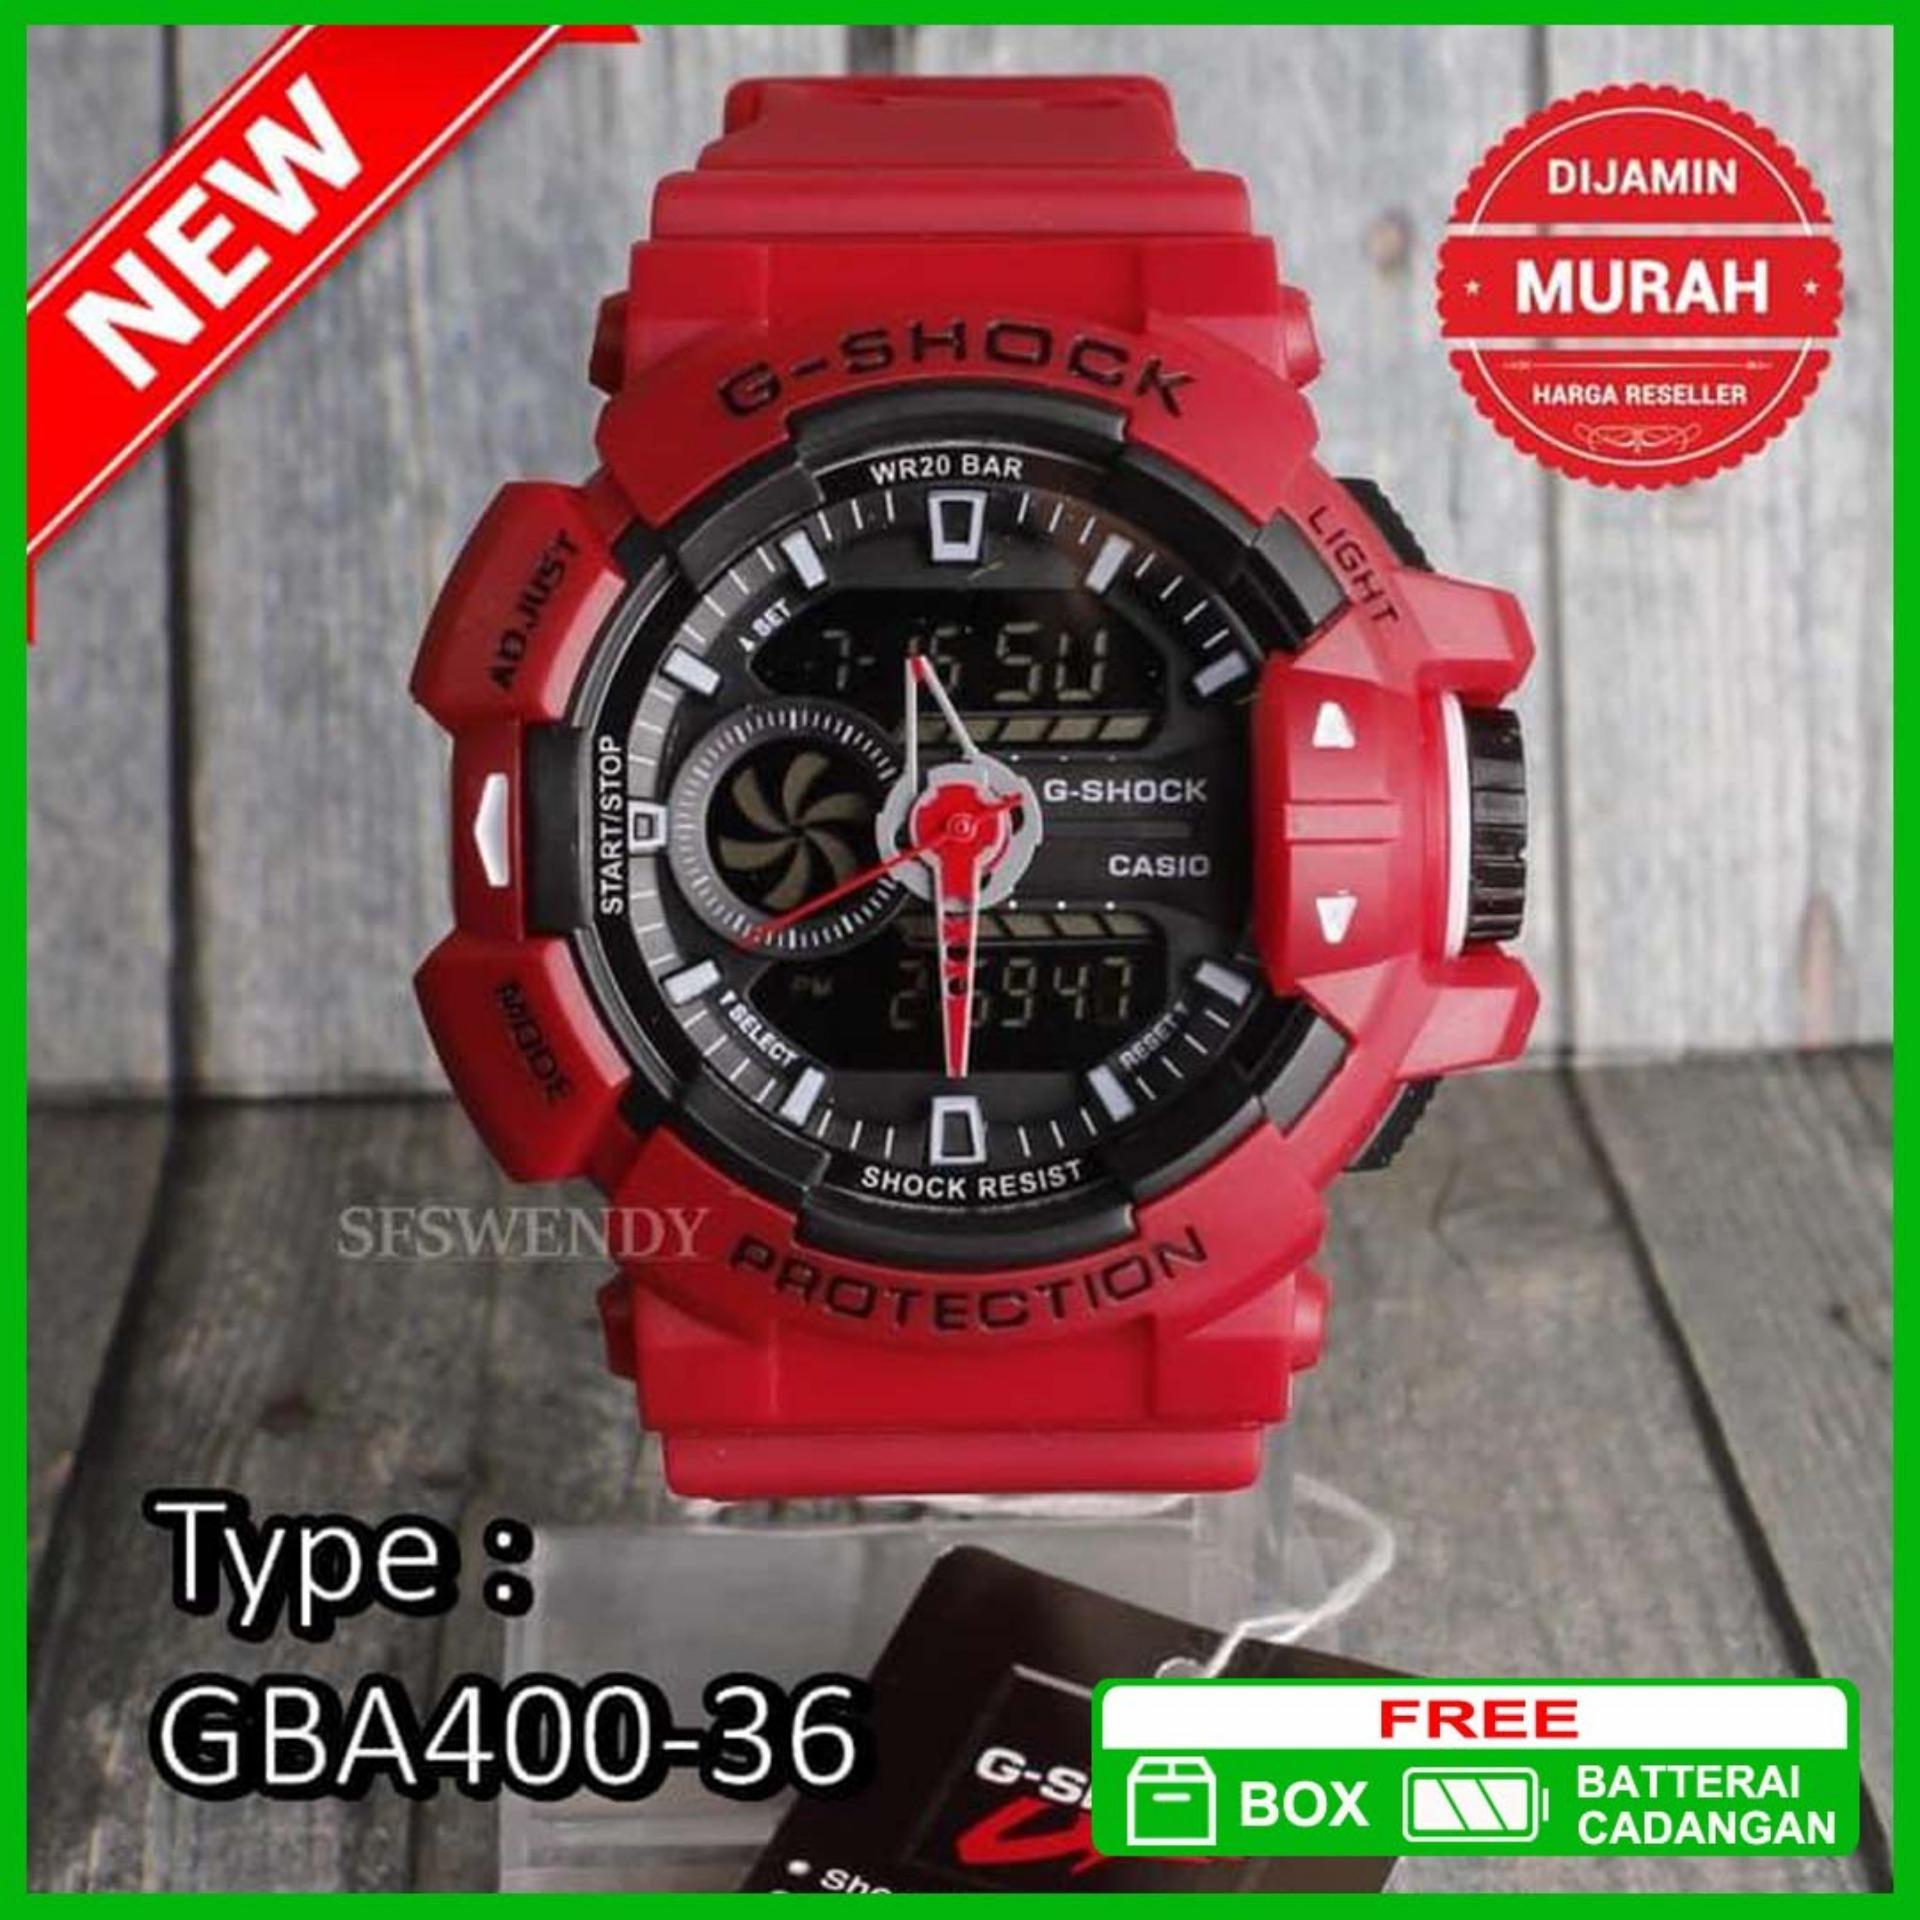 TERJUAL TERBANYAK !!! Jam Tangan GBA-400 Tali Merah SKMEI 2384a2d03a